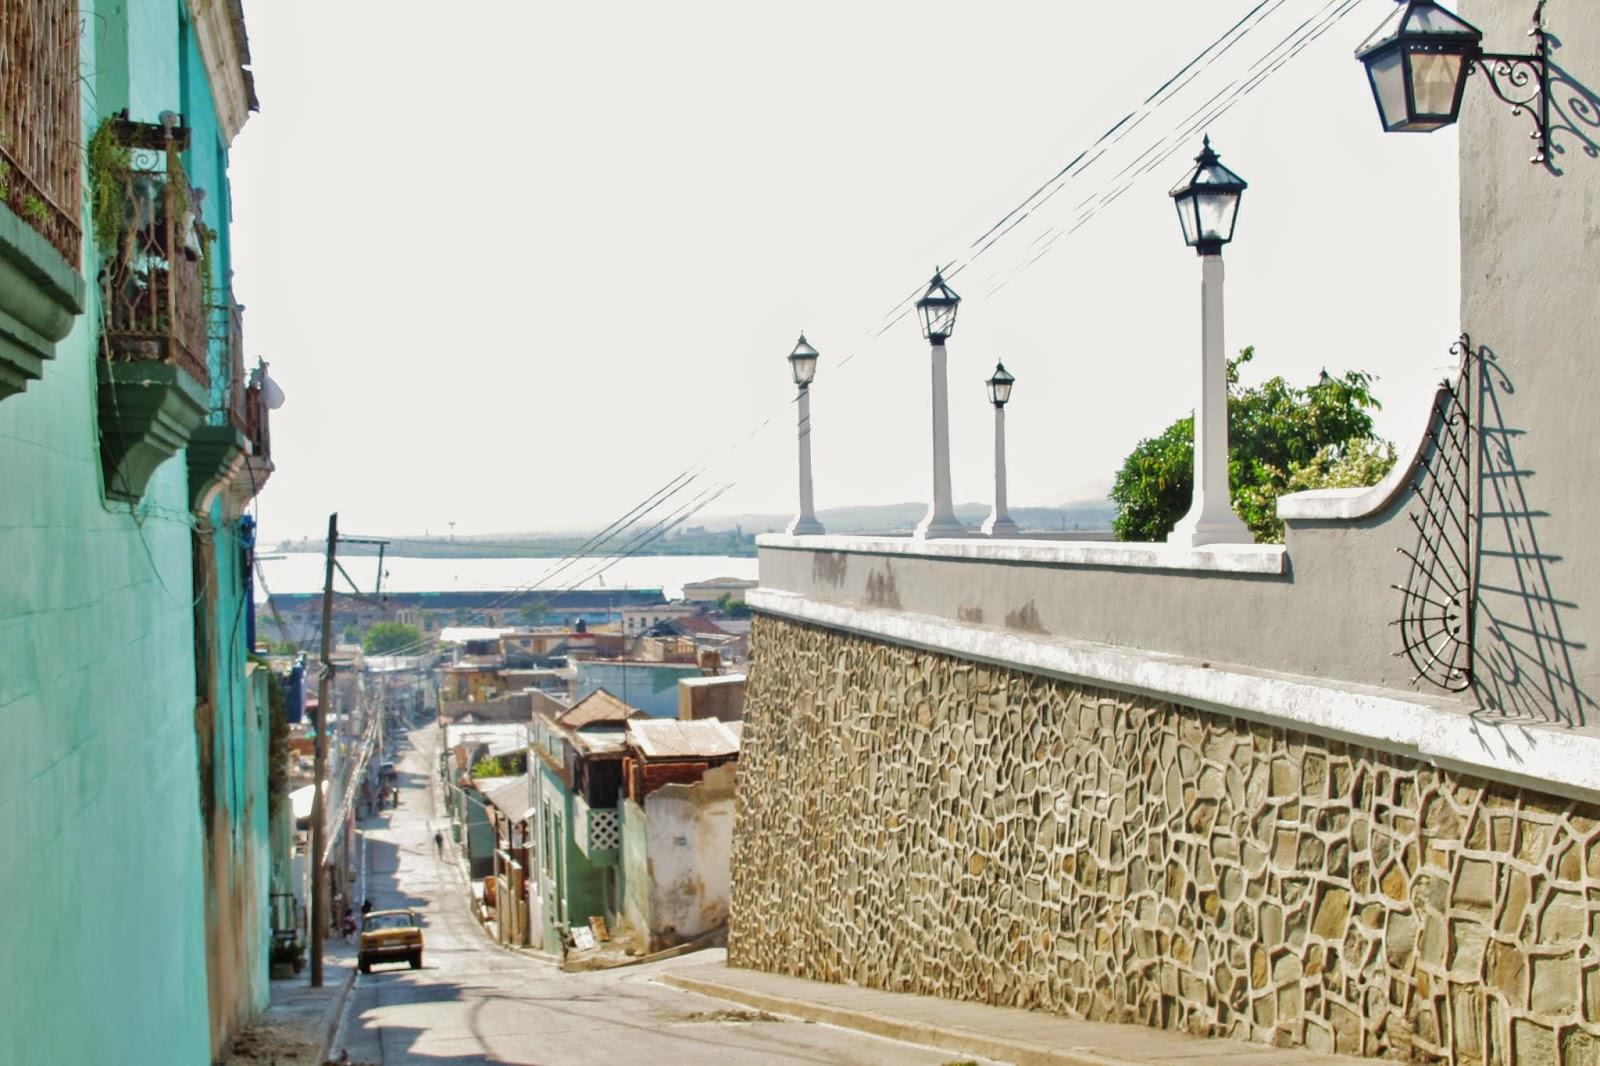 Desencantos em Santiago de Cuba: precisa pagar pra fotografar dentro do Balcão Velásquez